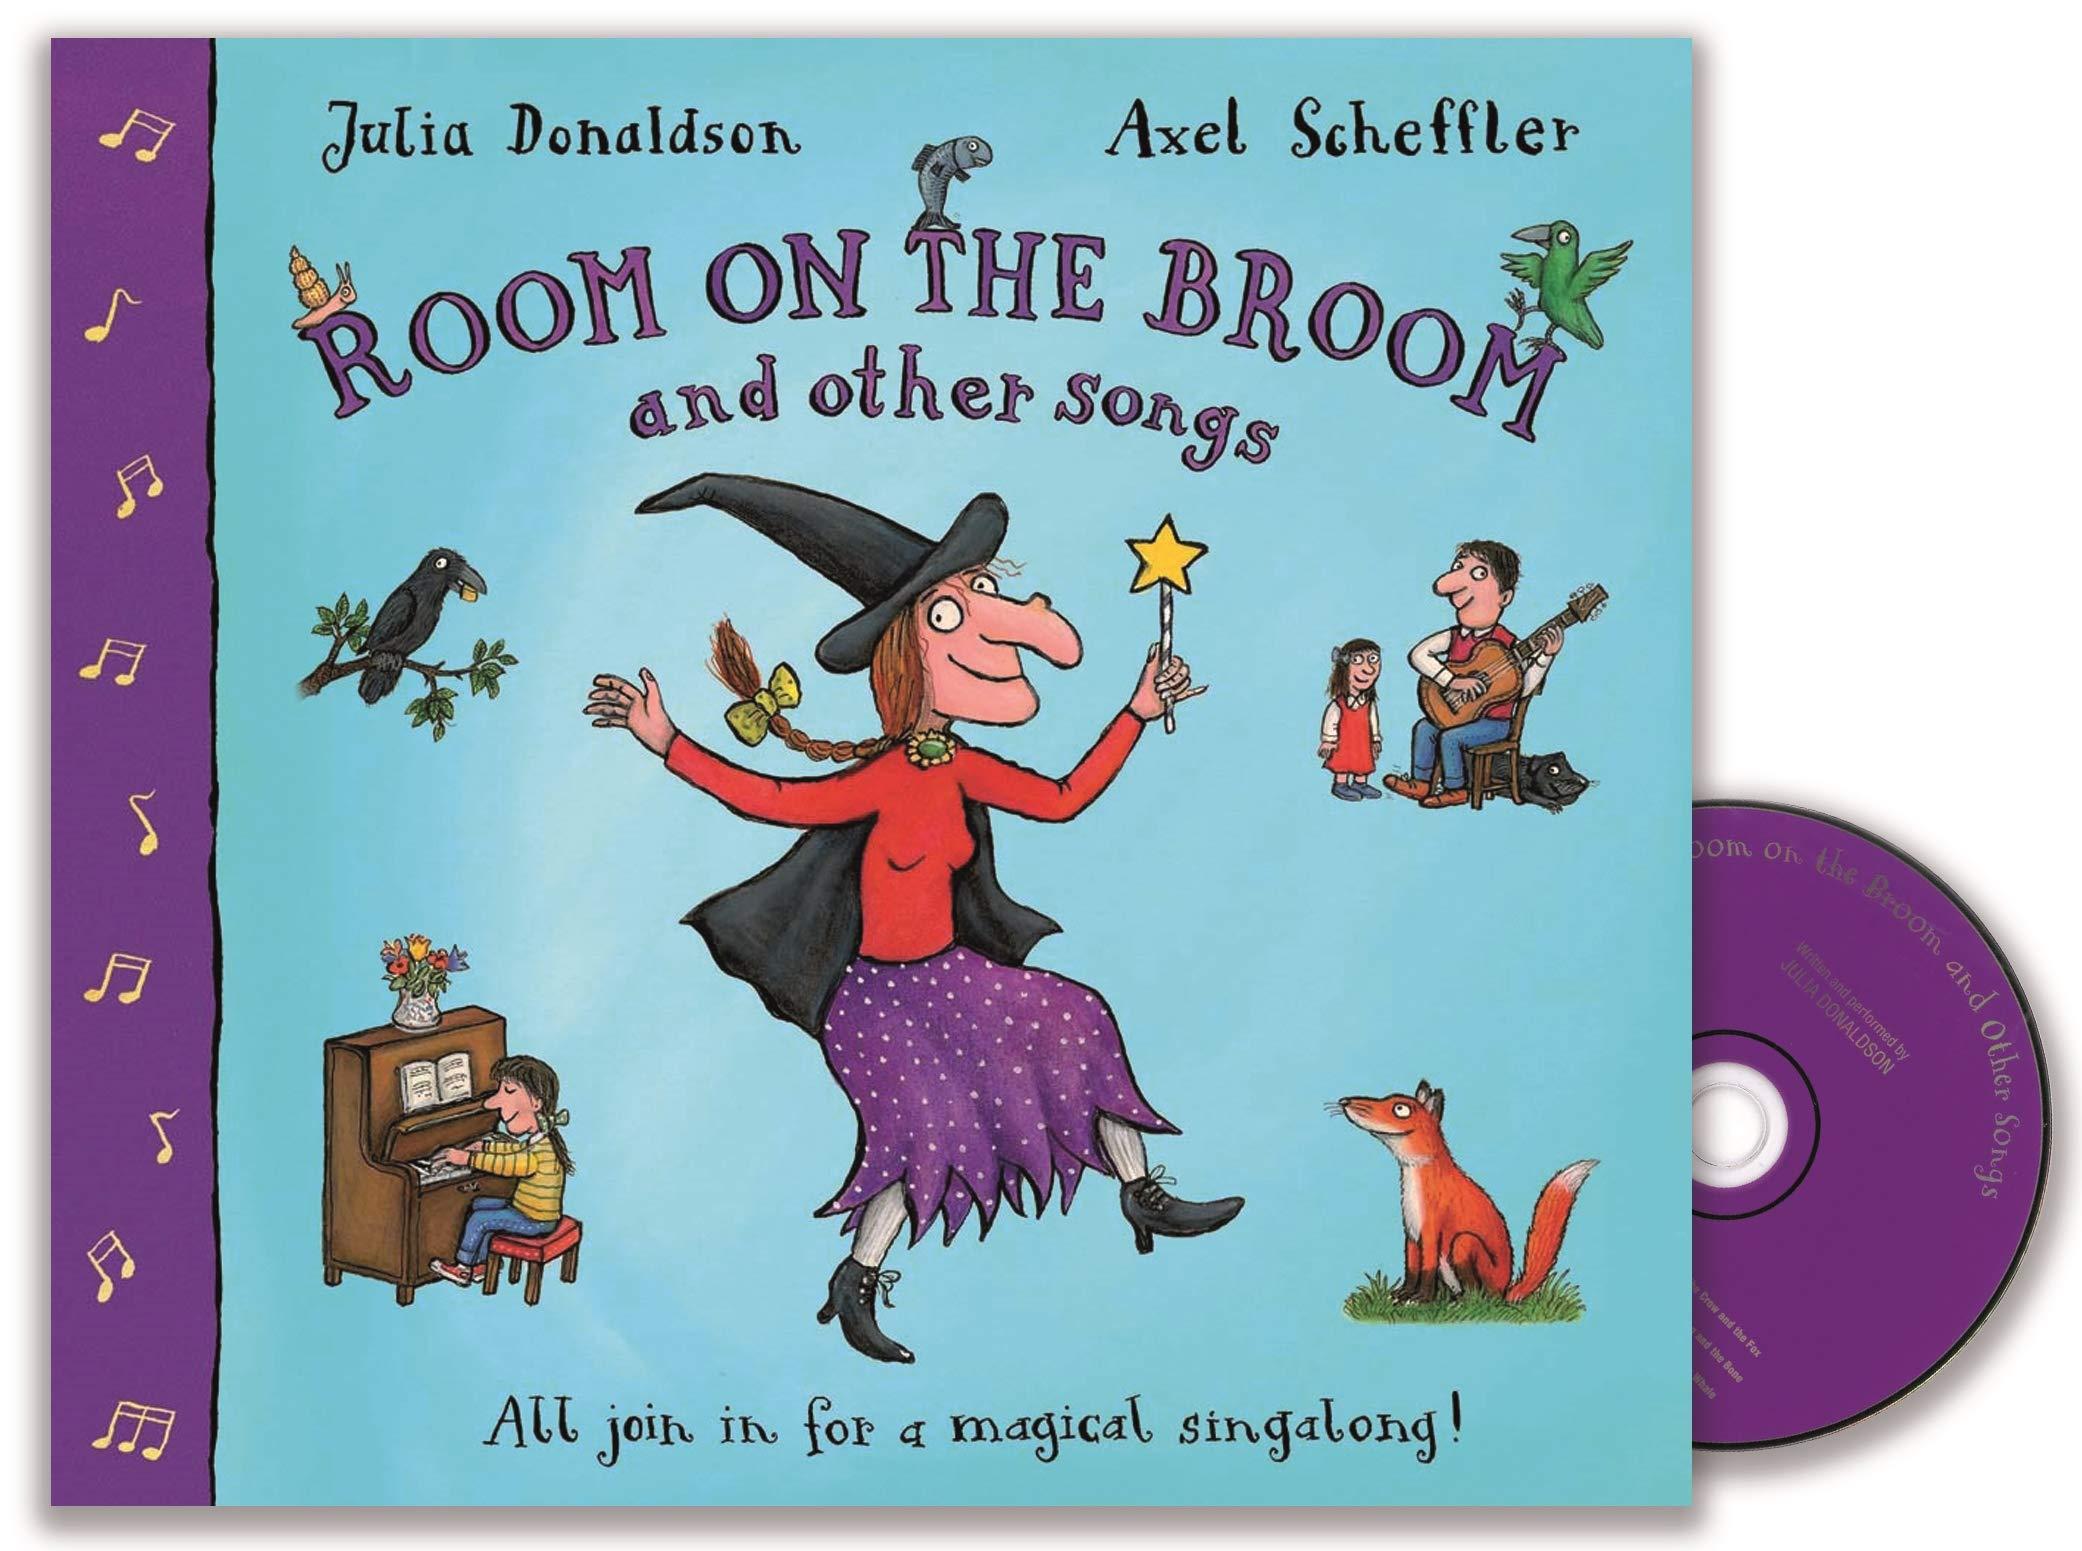 Room on the Broom and Other Songs. Book + CD: Amazon.es: Donaldson, Julia, Scheffler, Axel, Donaldson, Julia: Libros en idiomas extranjeros